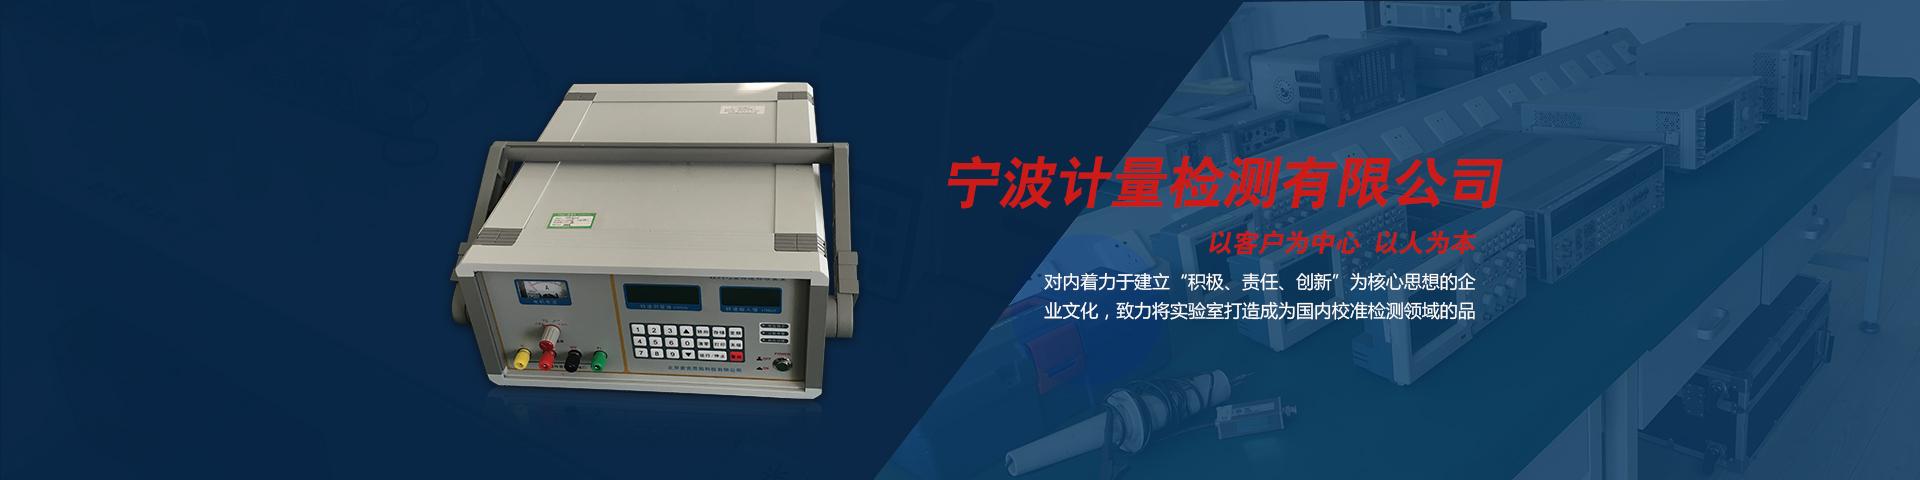 宁波计量仪器检测